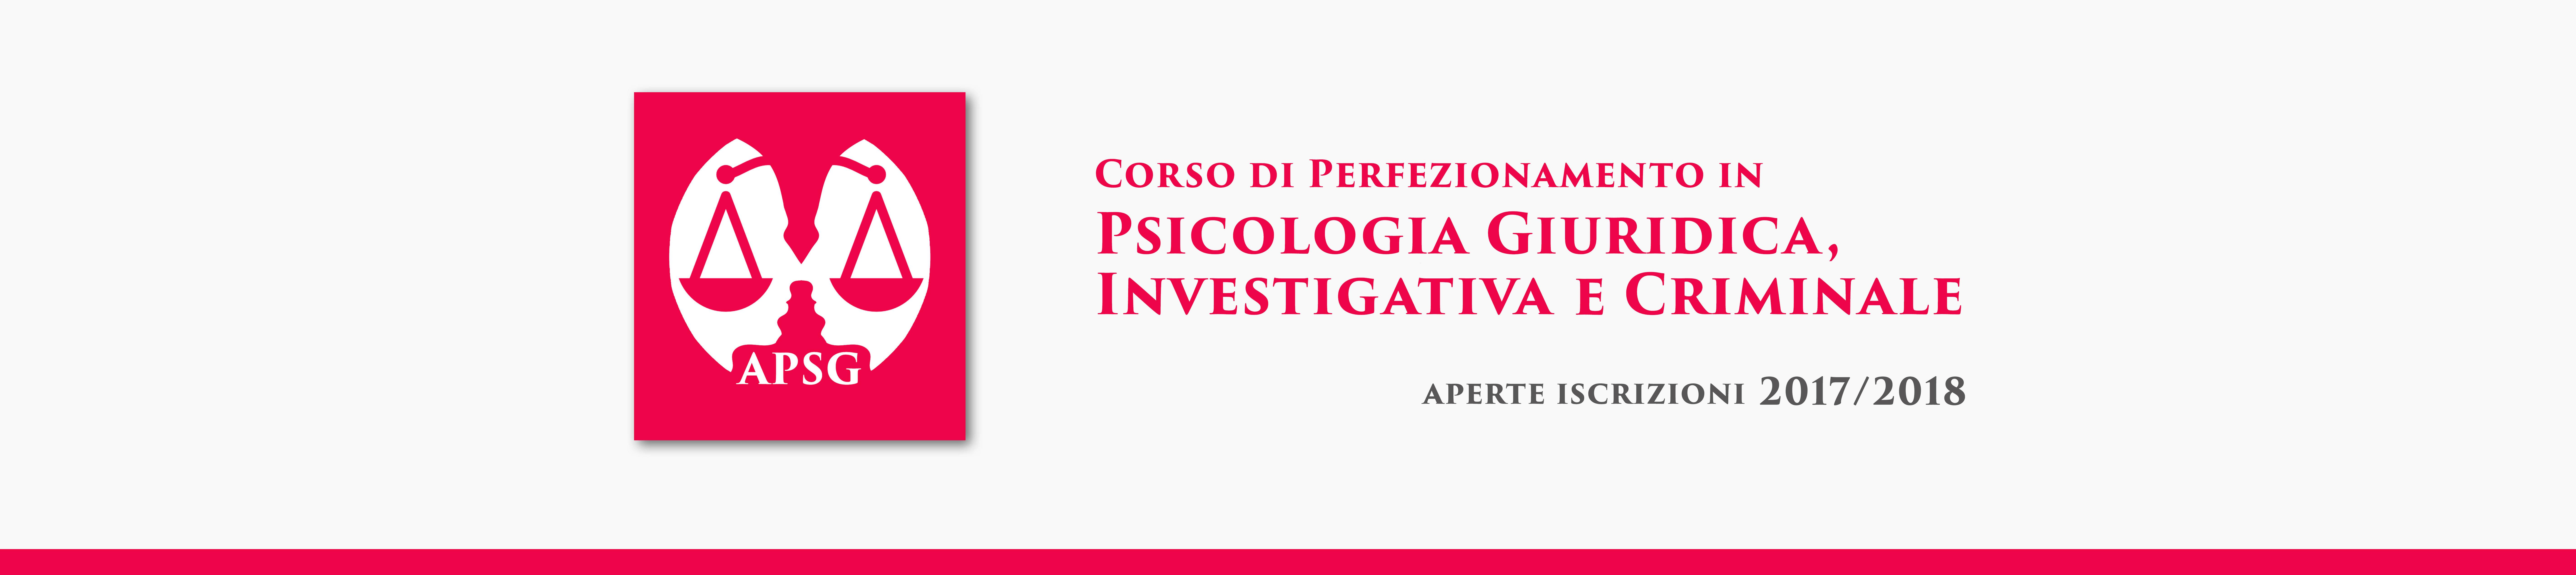 Corso Perfezionamento Psicologia Giuridica